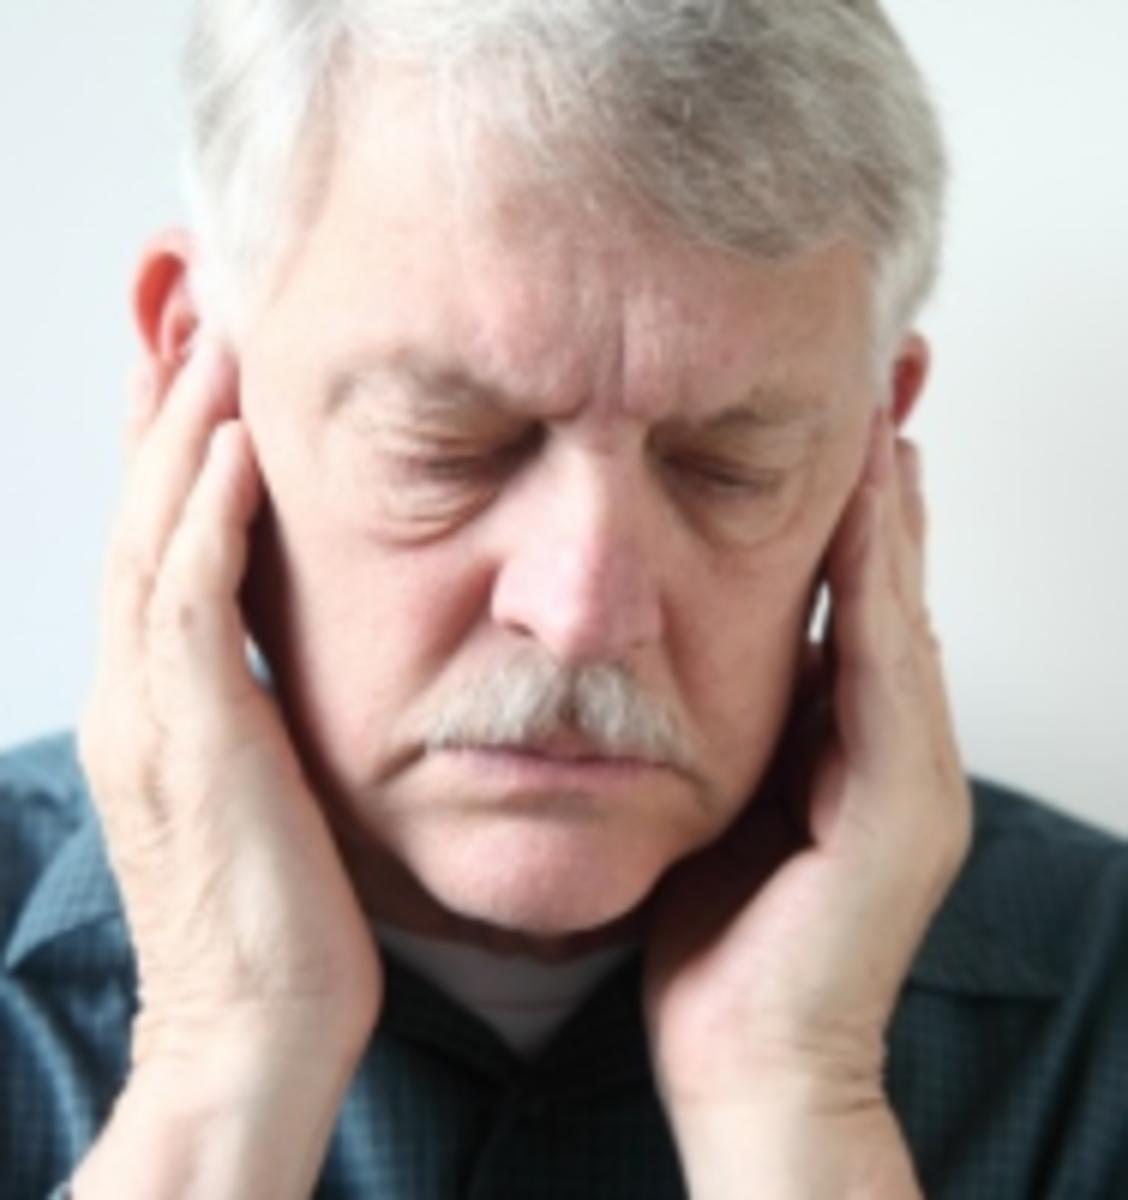 8-weird-earache-remedies-that-really-work